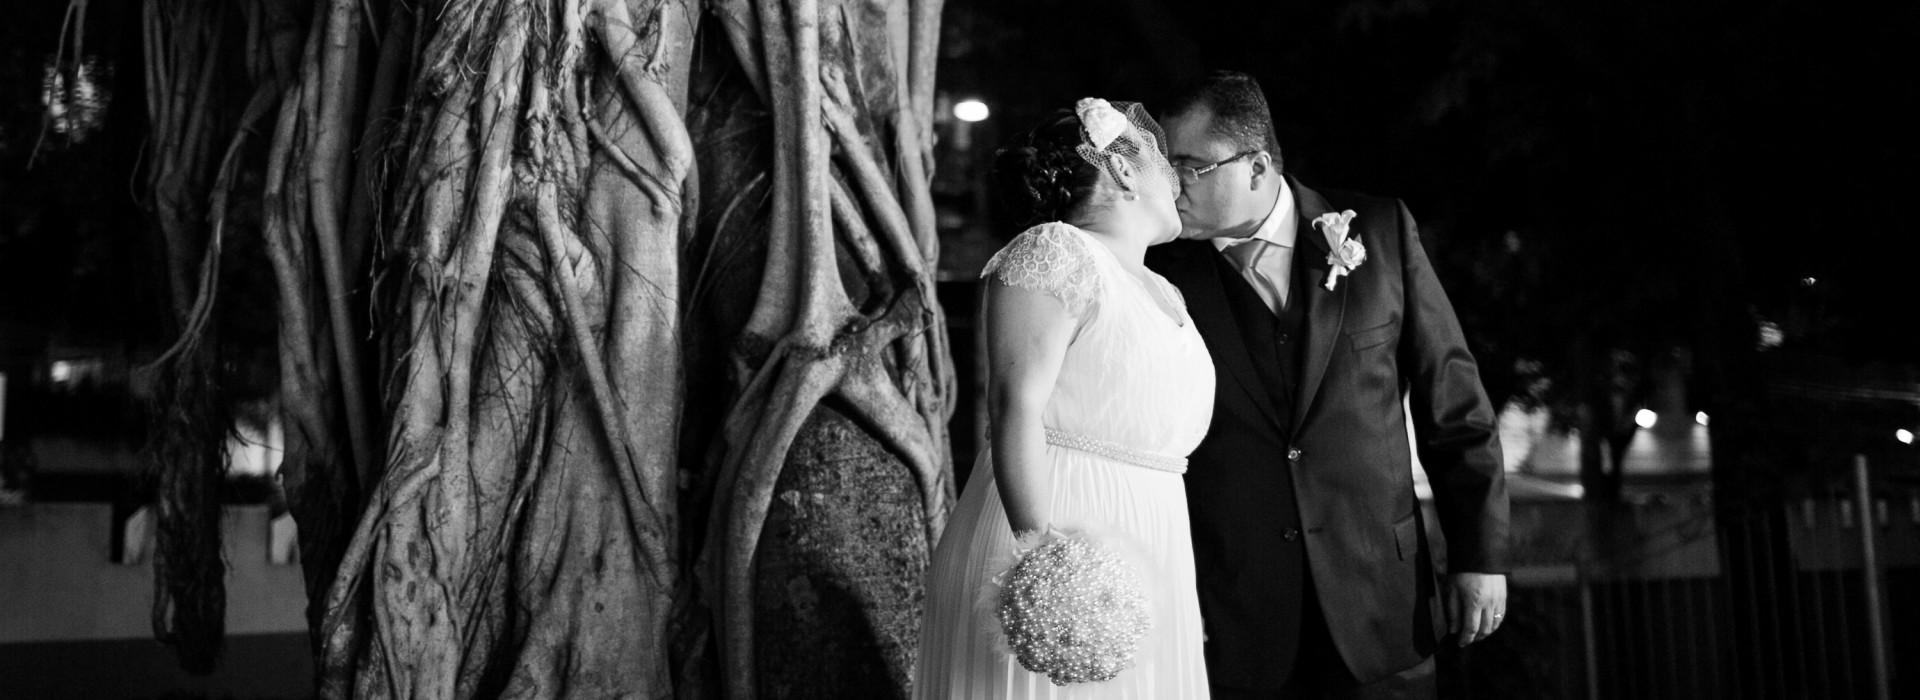 Casamento de Rita e Luís Felipe em Rio de Janeiro - RJ